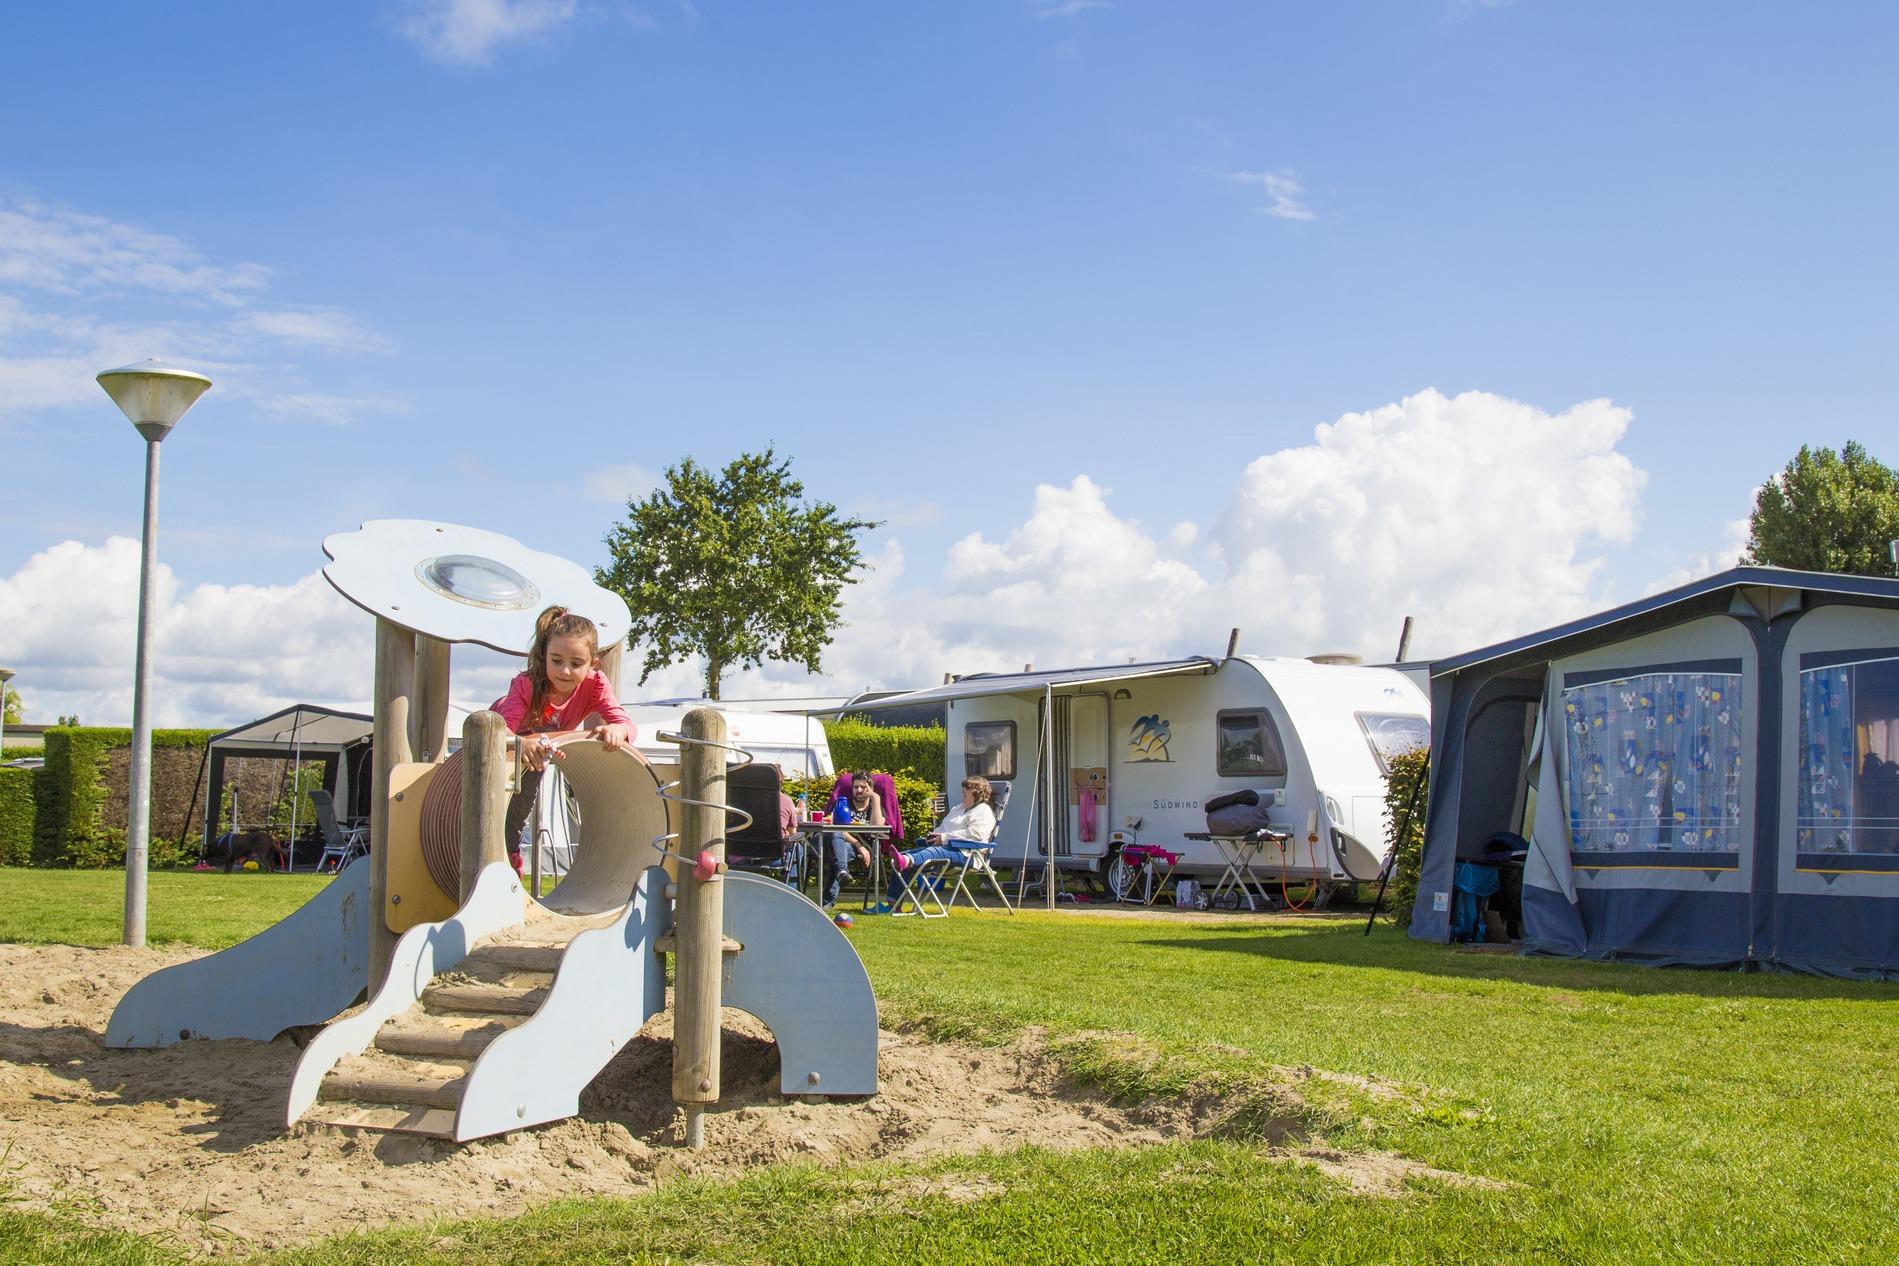 Ardoer Camping Zonneweelde